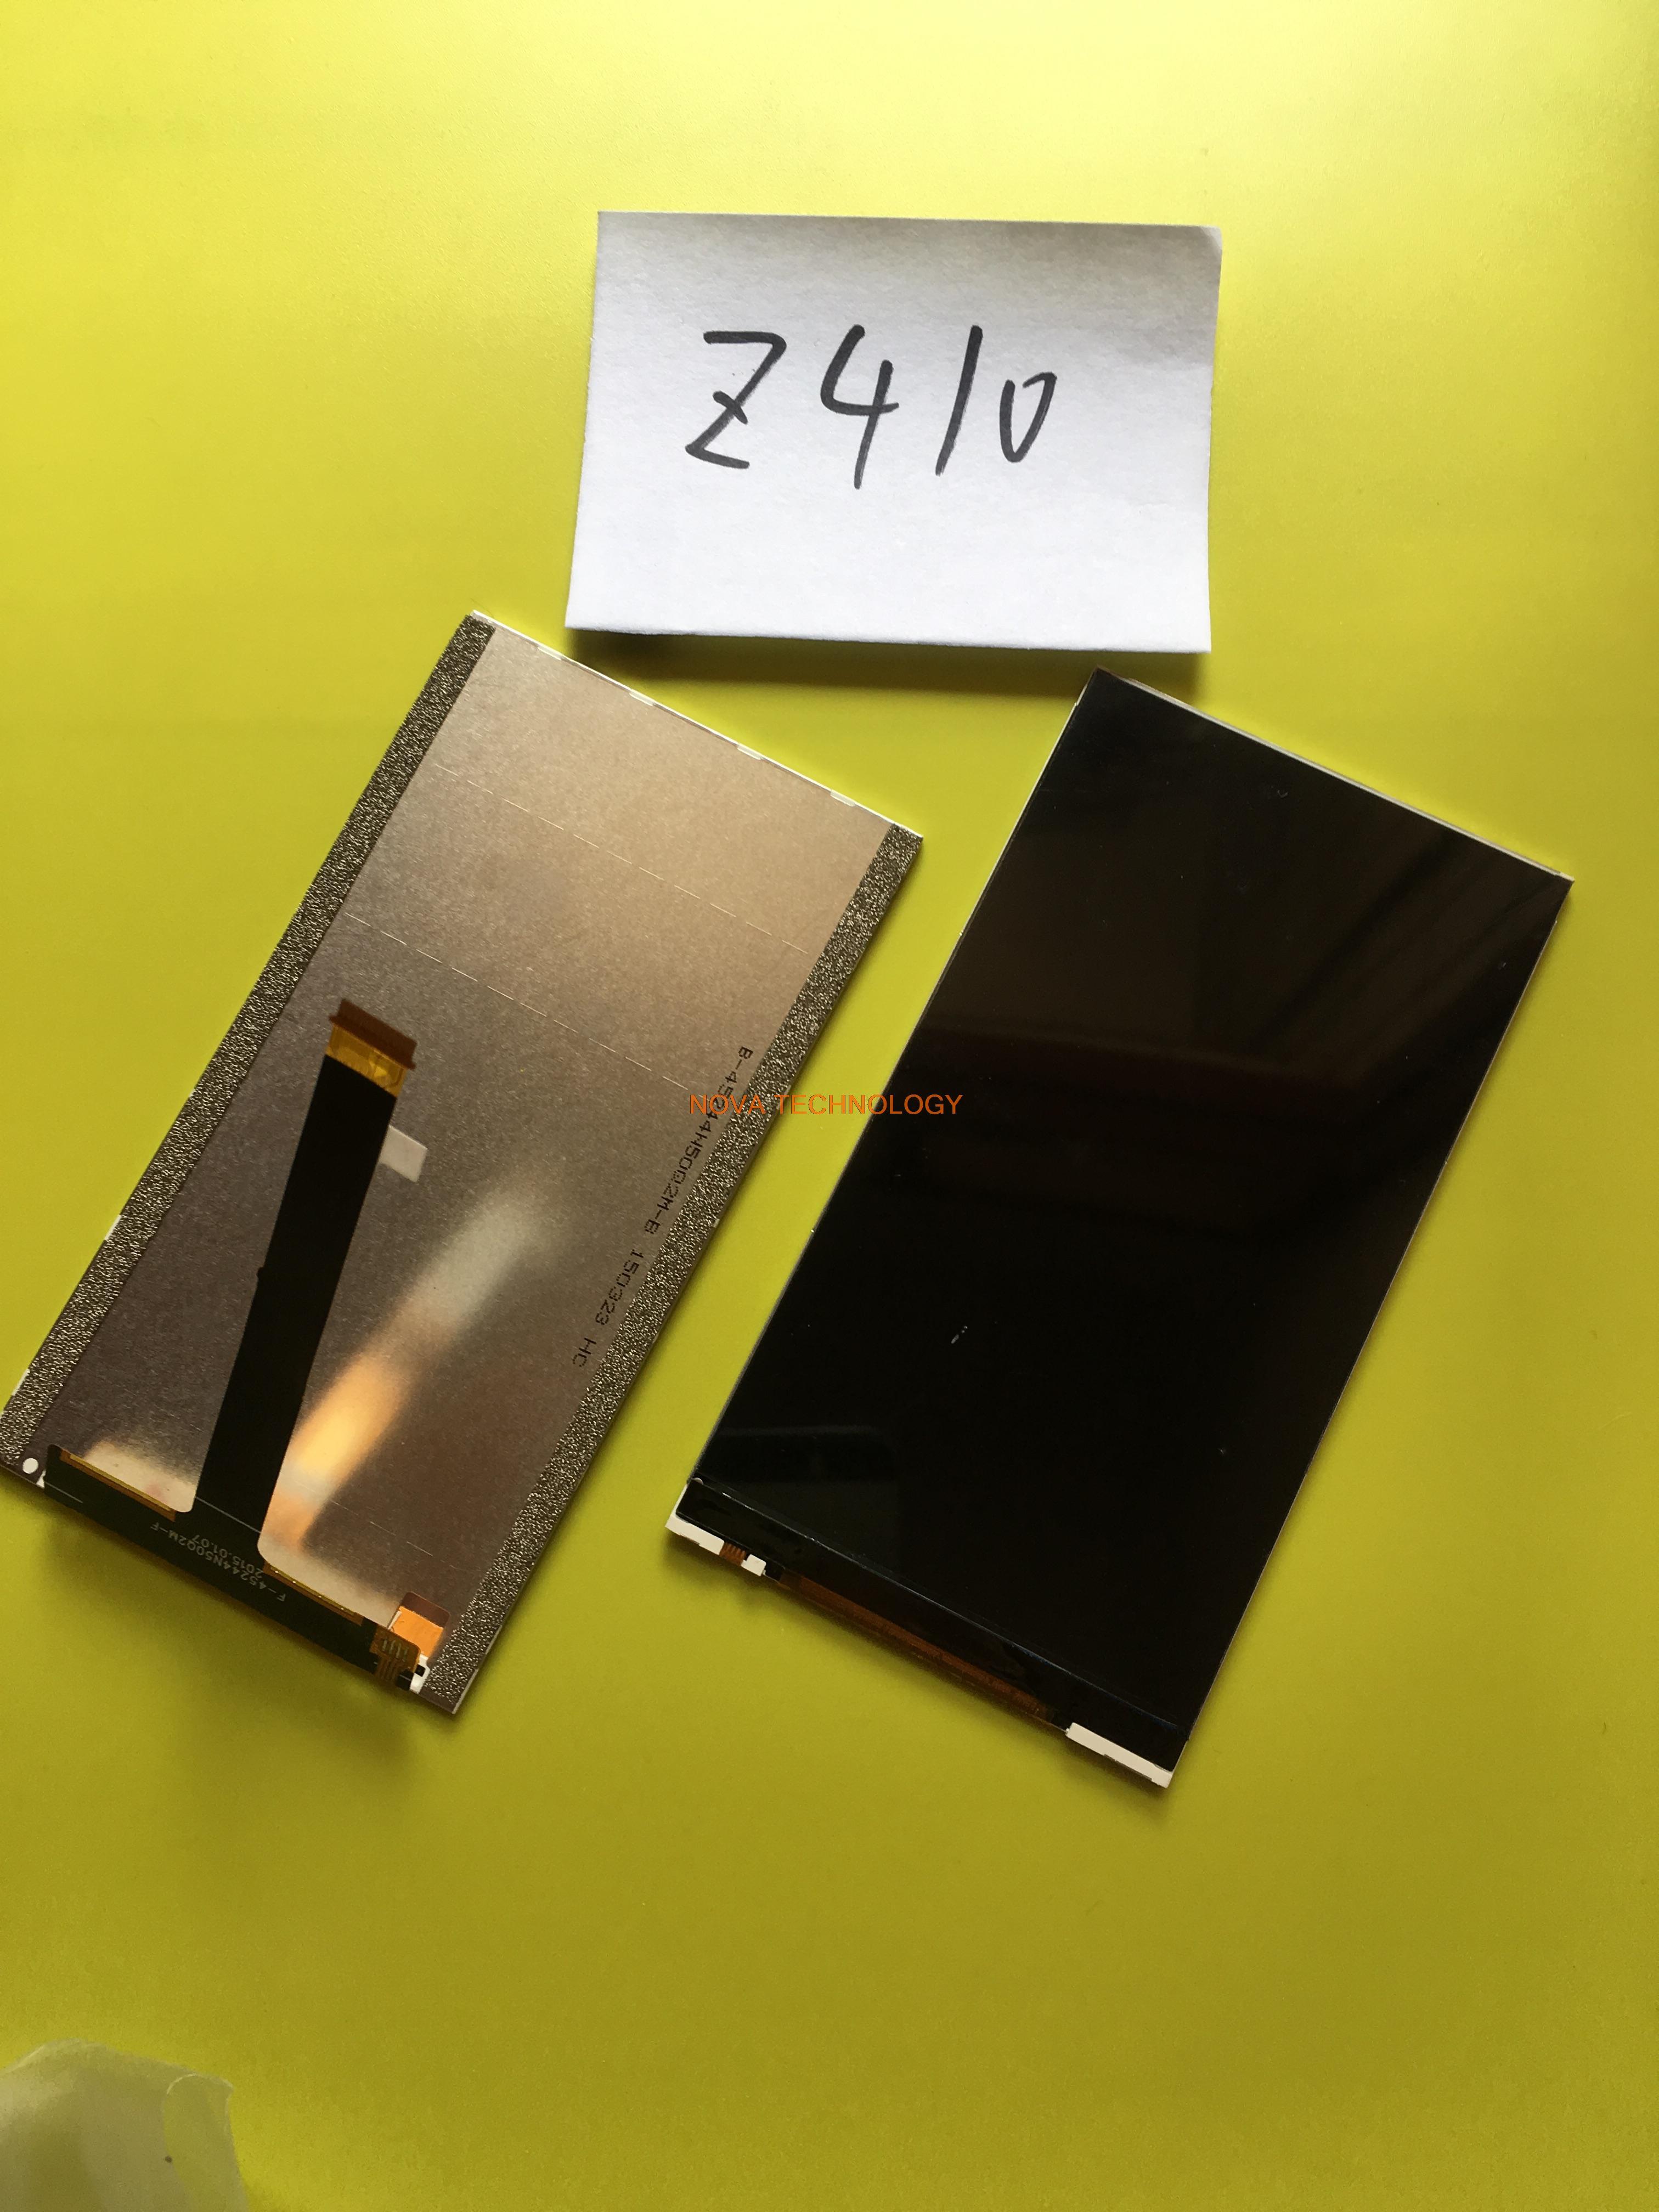 Teléfono lcd piezas de repuesto pantalla del panel para acer liquid z410; con nú